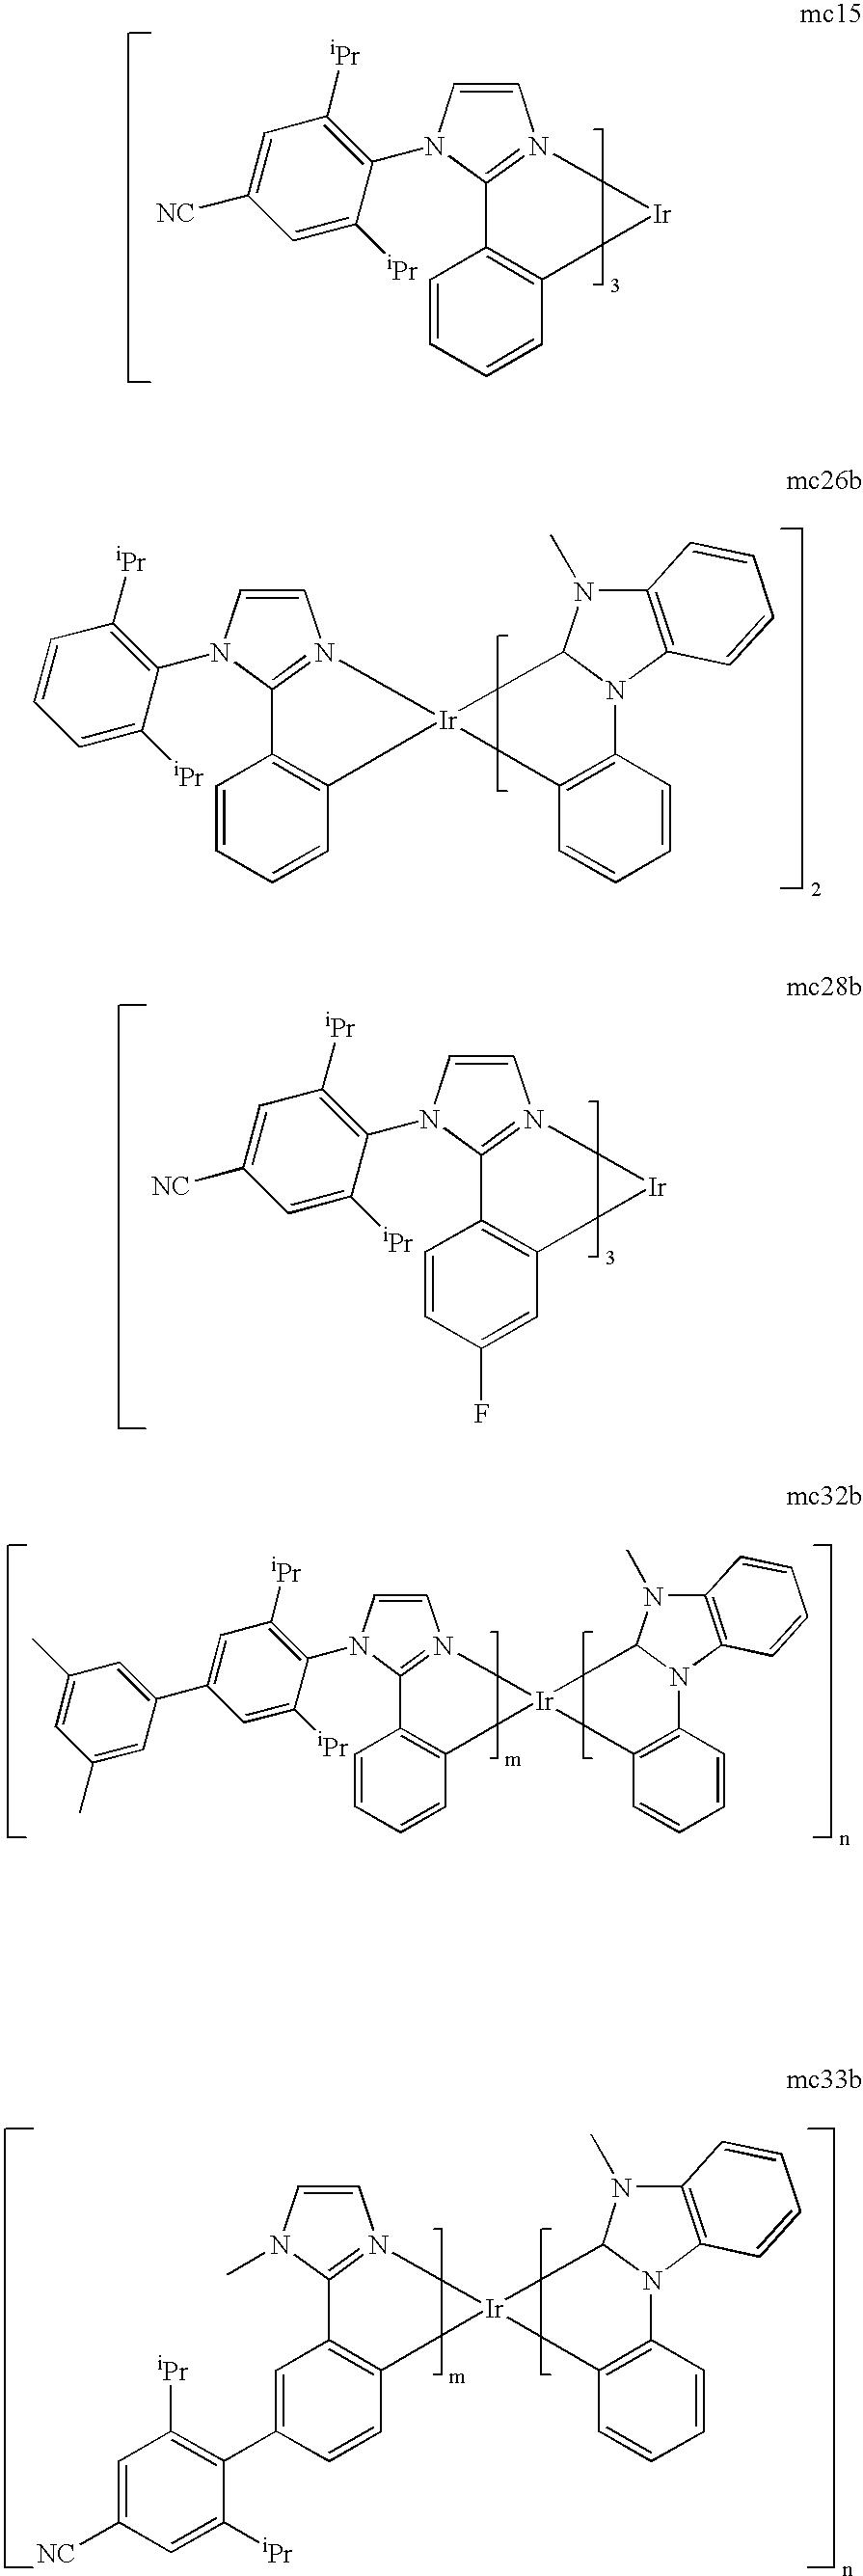 Figure US20070088167A1-20070419-C00019